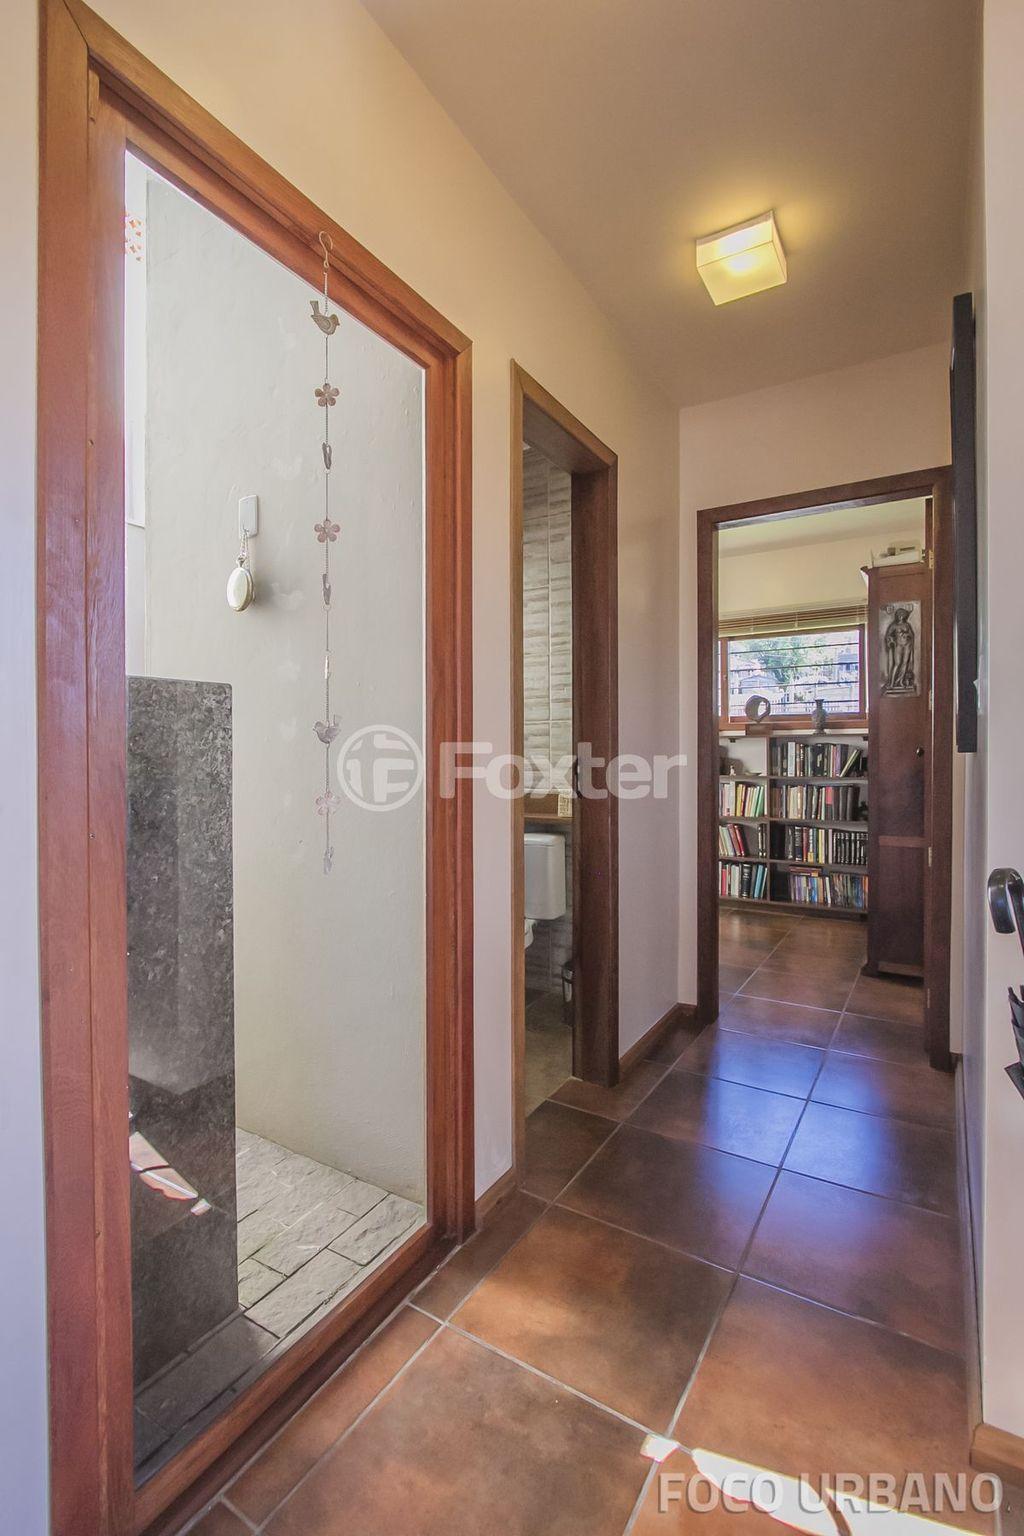 Foxter Imobiliária - Casa 3 Dorm, Vila Jardim - Foto 8